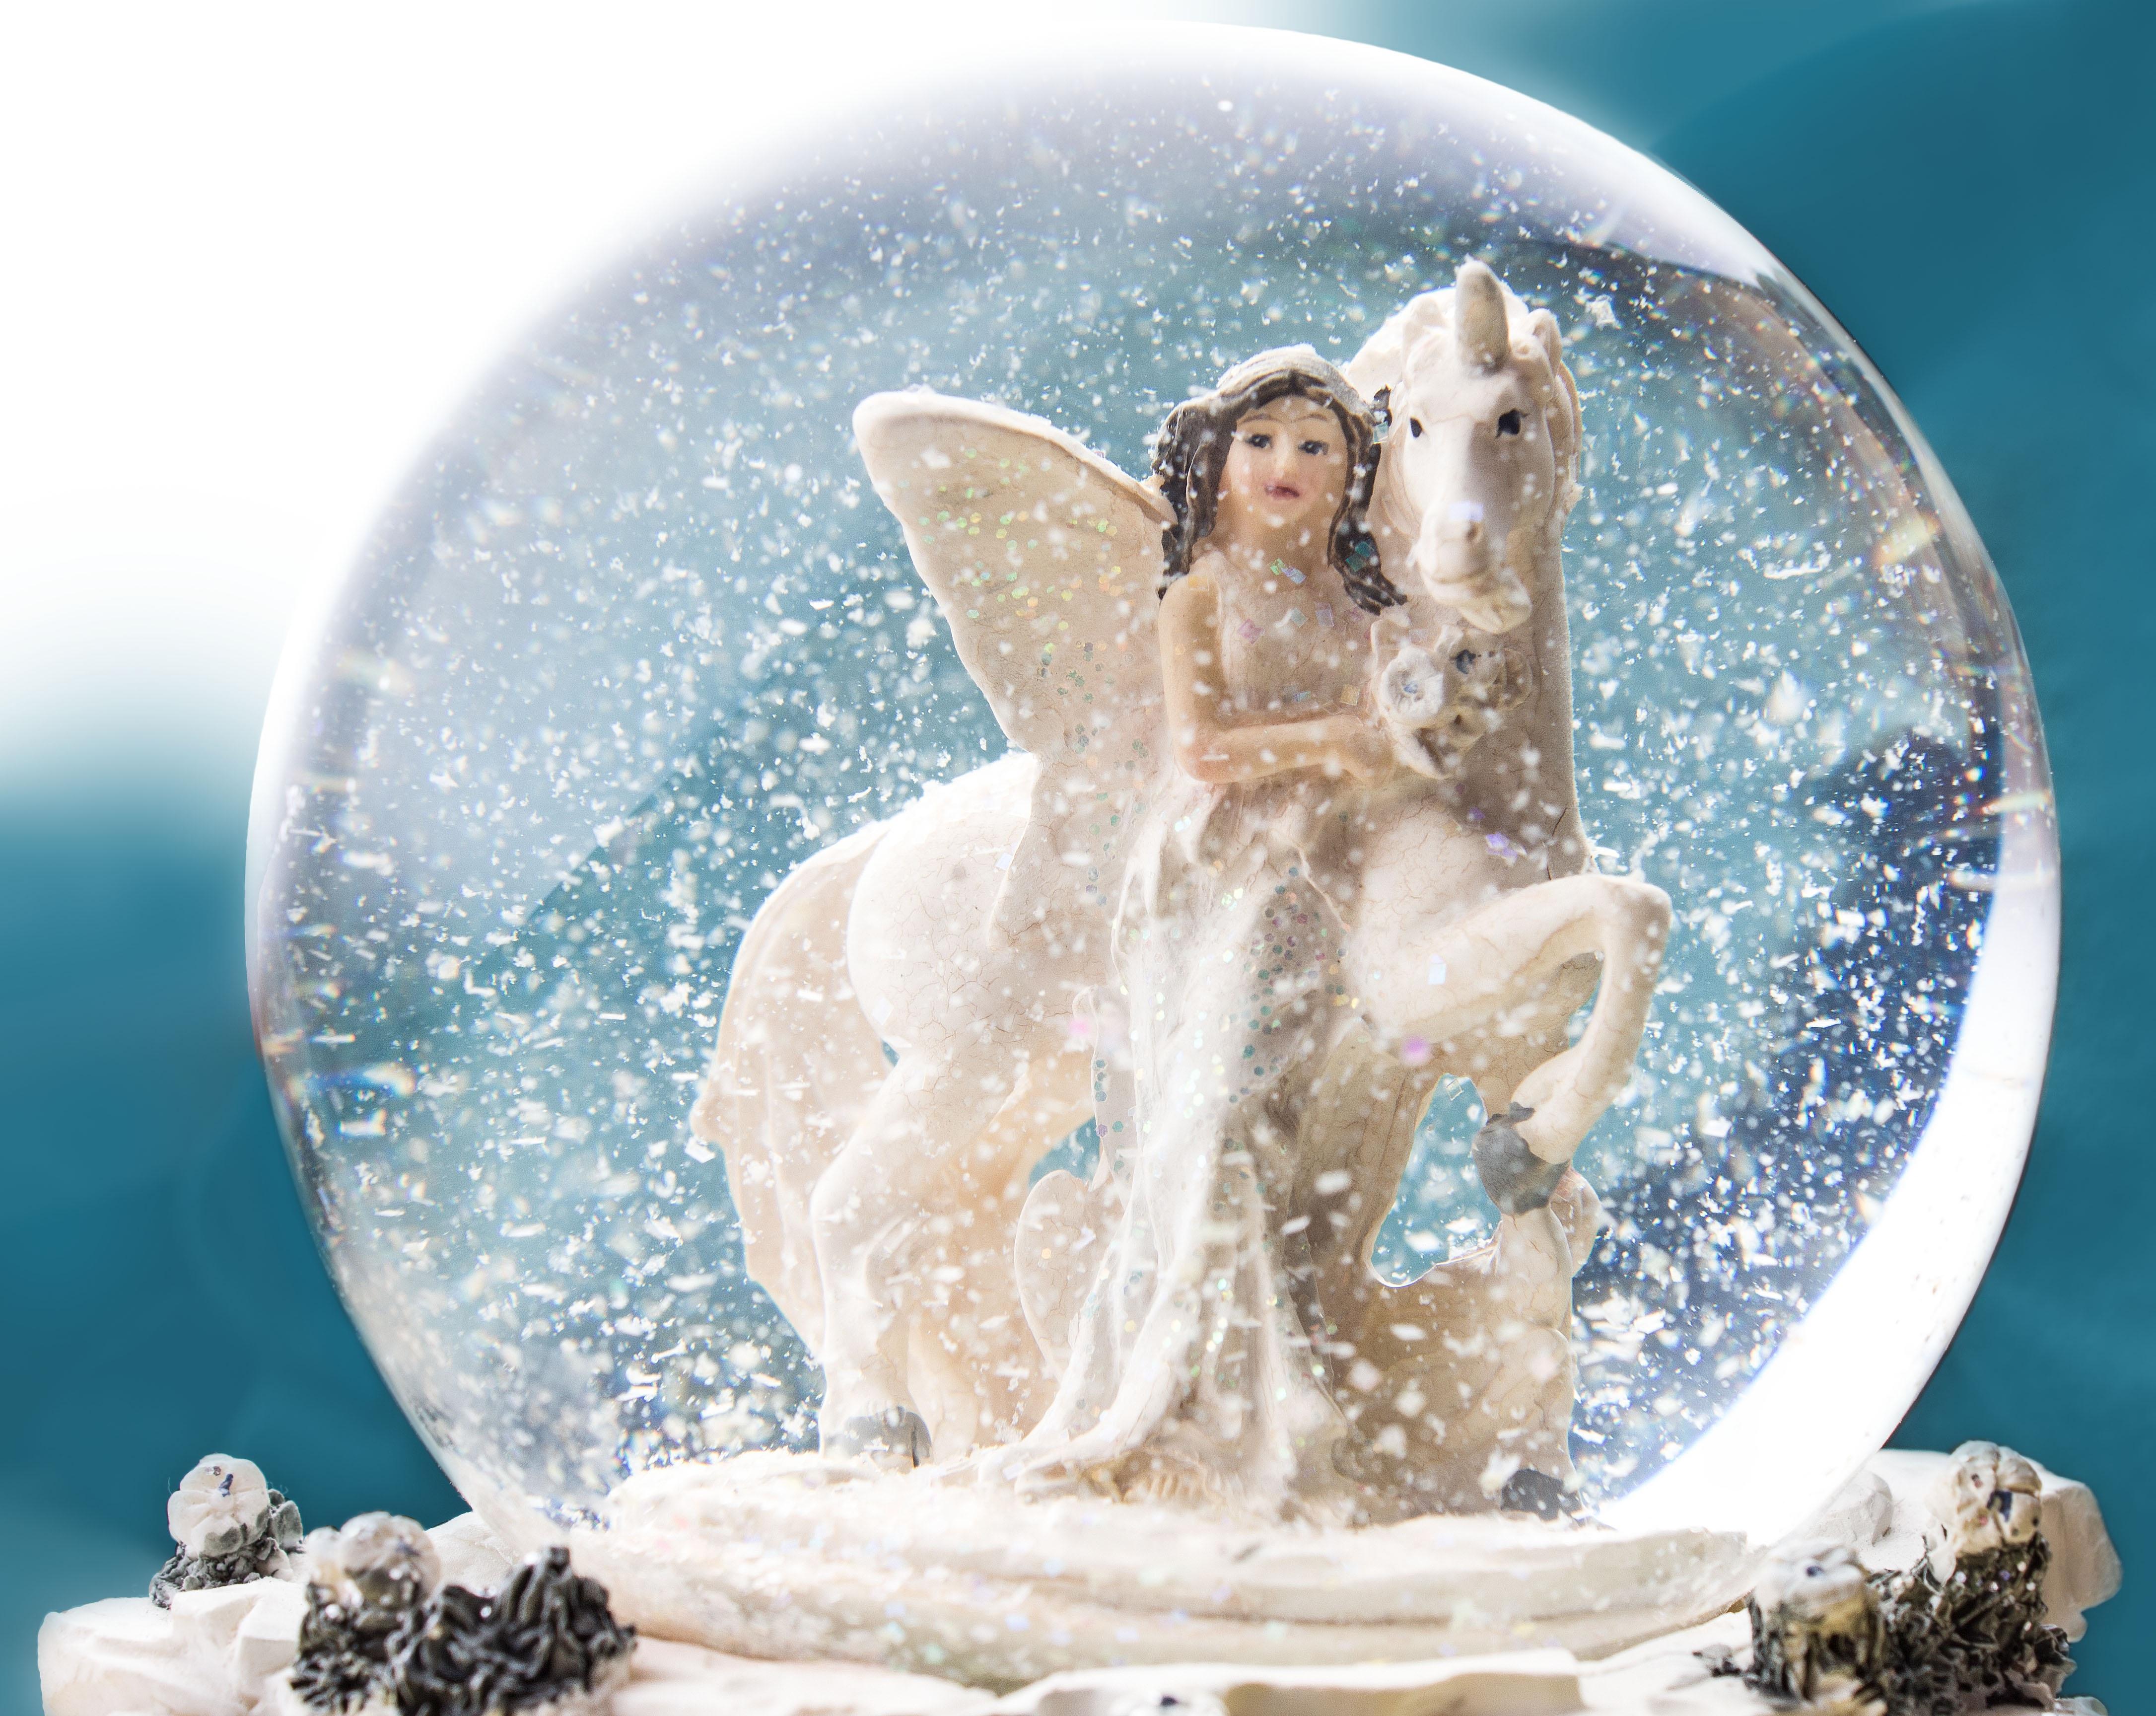 Foto Di Natale Neve Inverno 94.Immagini Belle La Neve Ragazza Donna Cavallo Romantico Nevoso